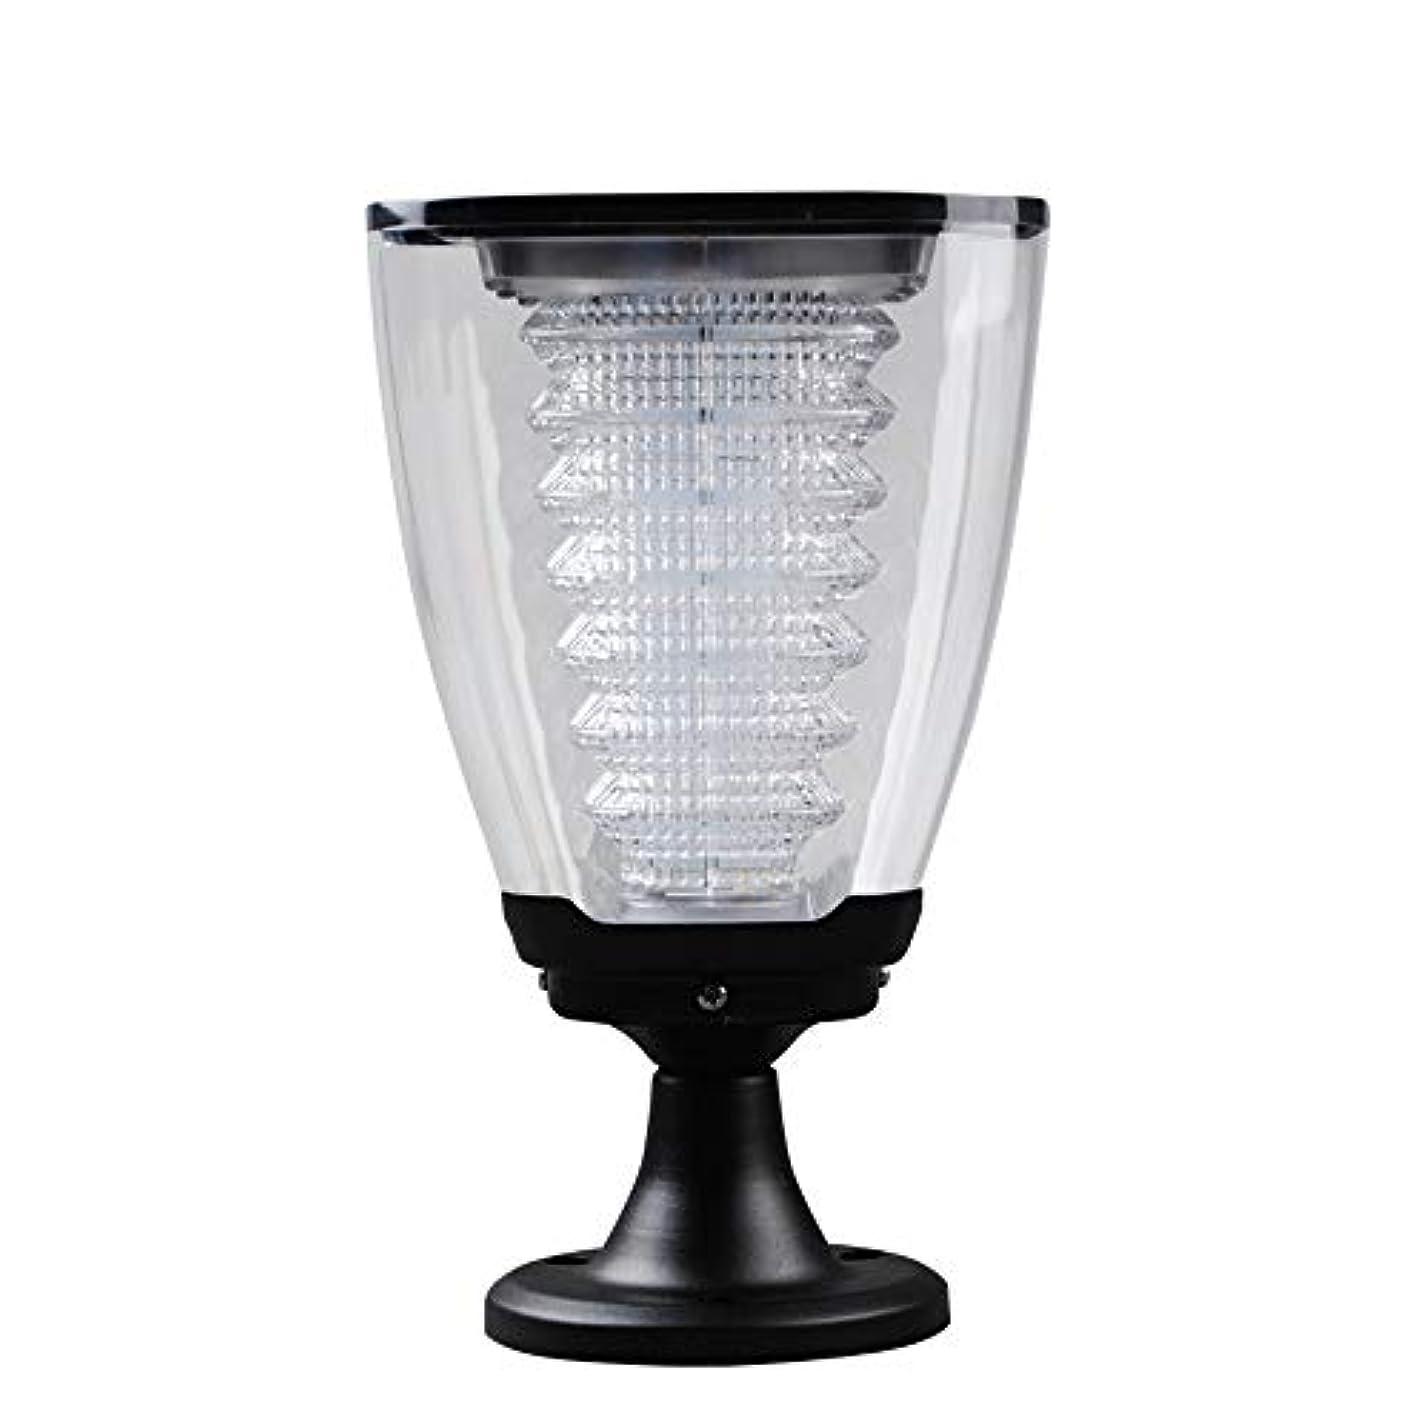 情報マチュピチュ胸Pinjeer Led現代クリエイティブ屋外防水コラムライトヨーロッパ金属アルミガラスポストライトガーデンドアストリートパークヴィラホーム照明柱ランプ